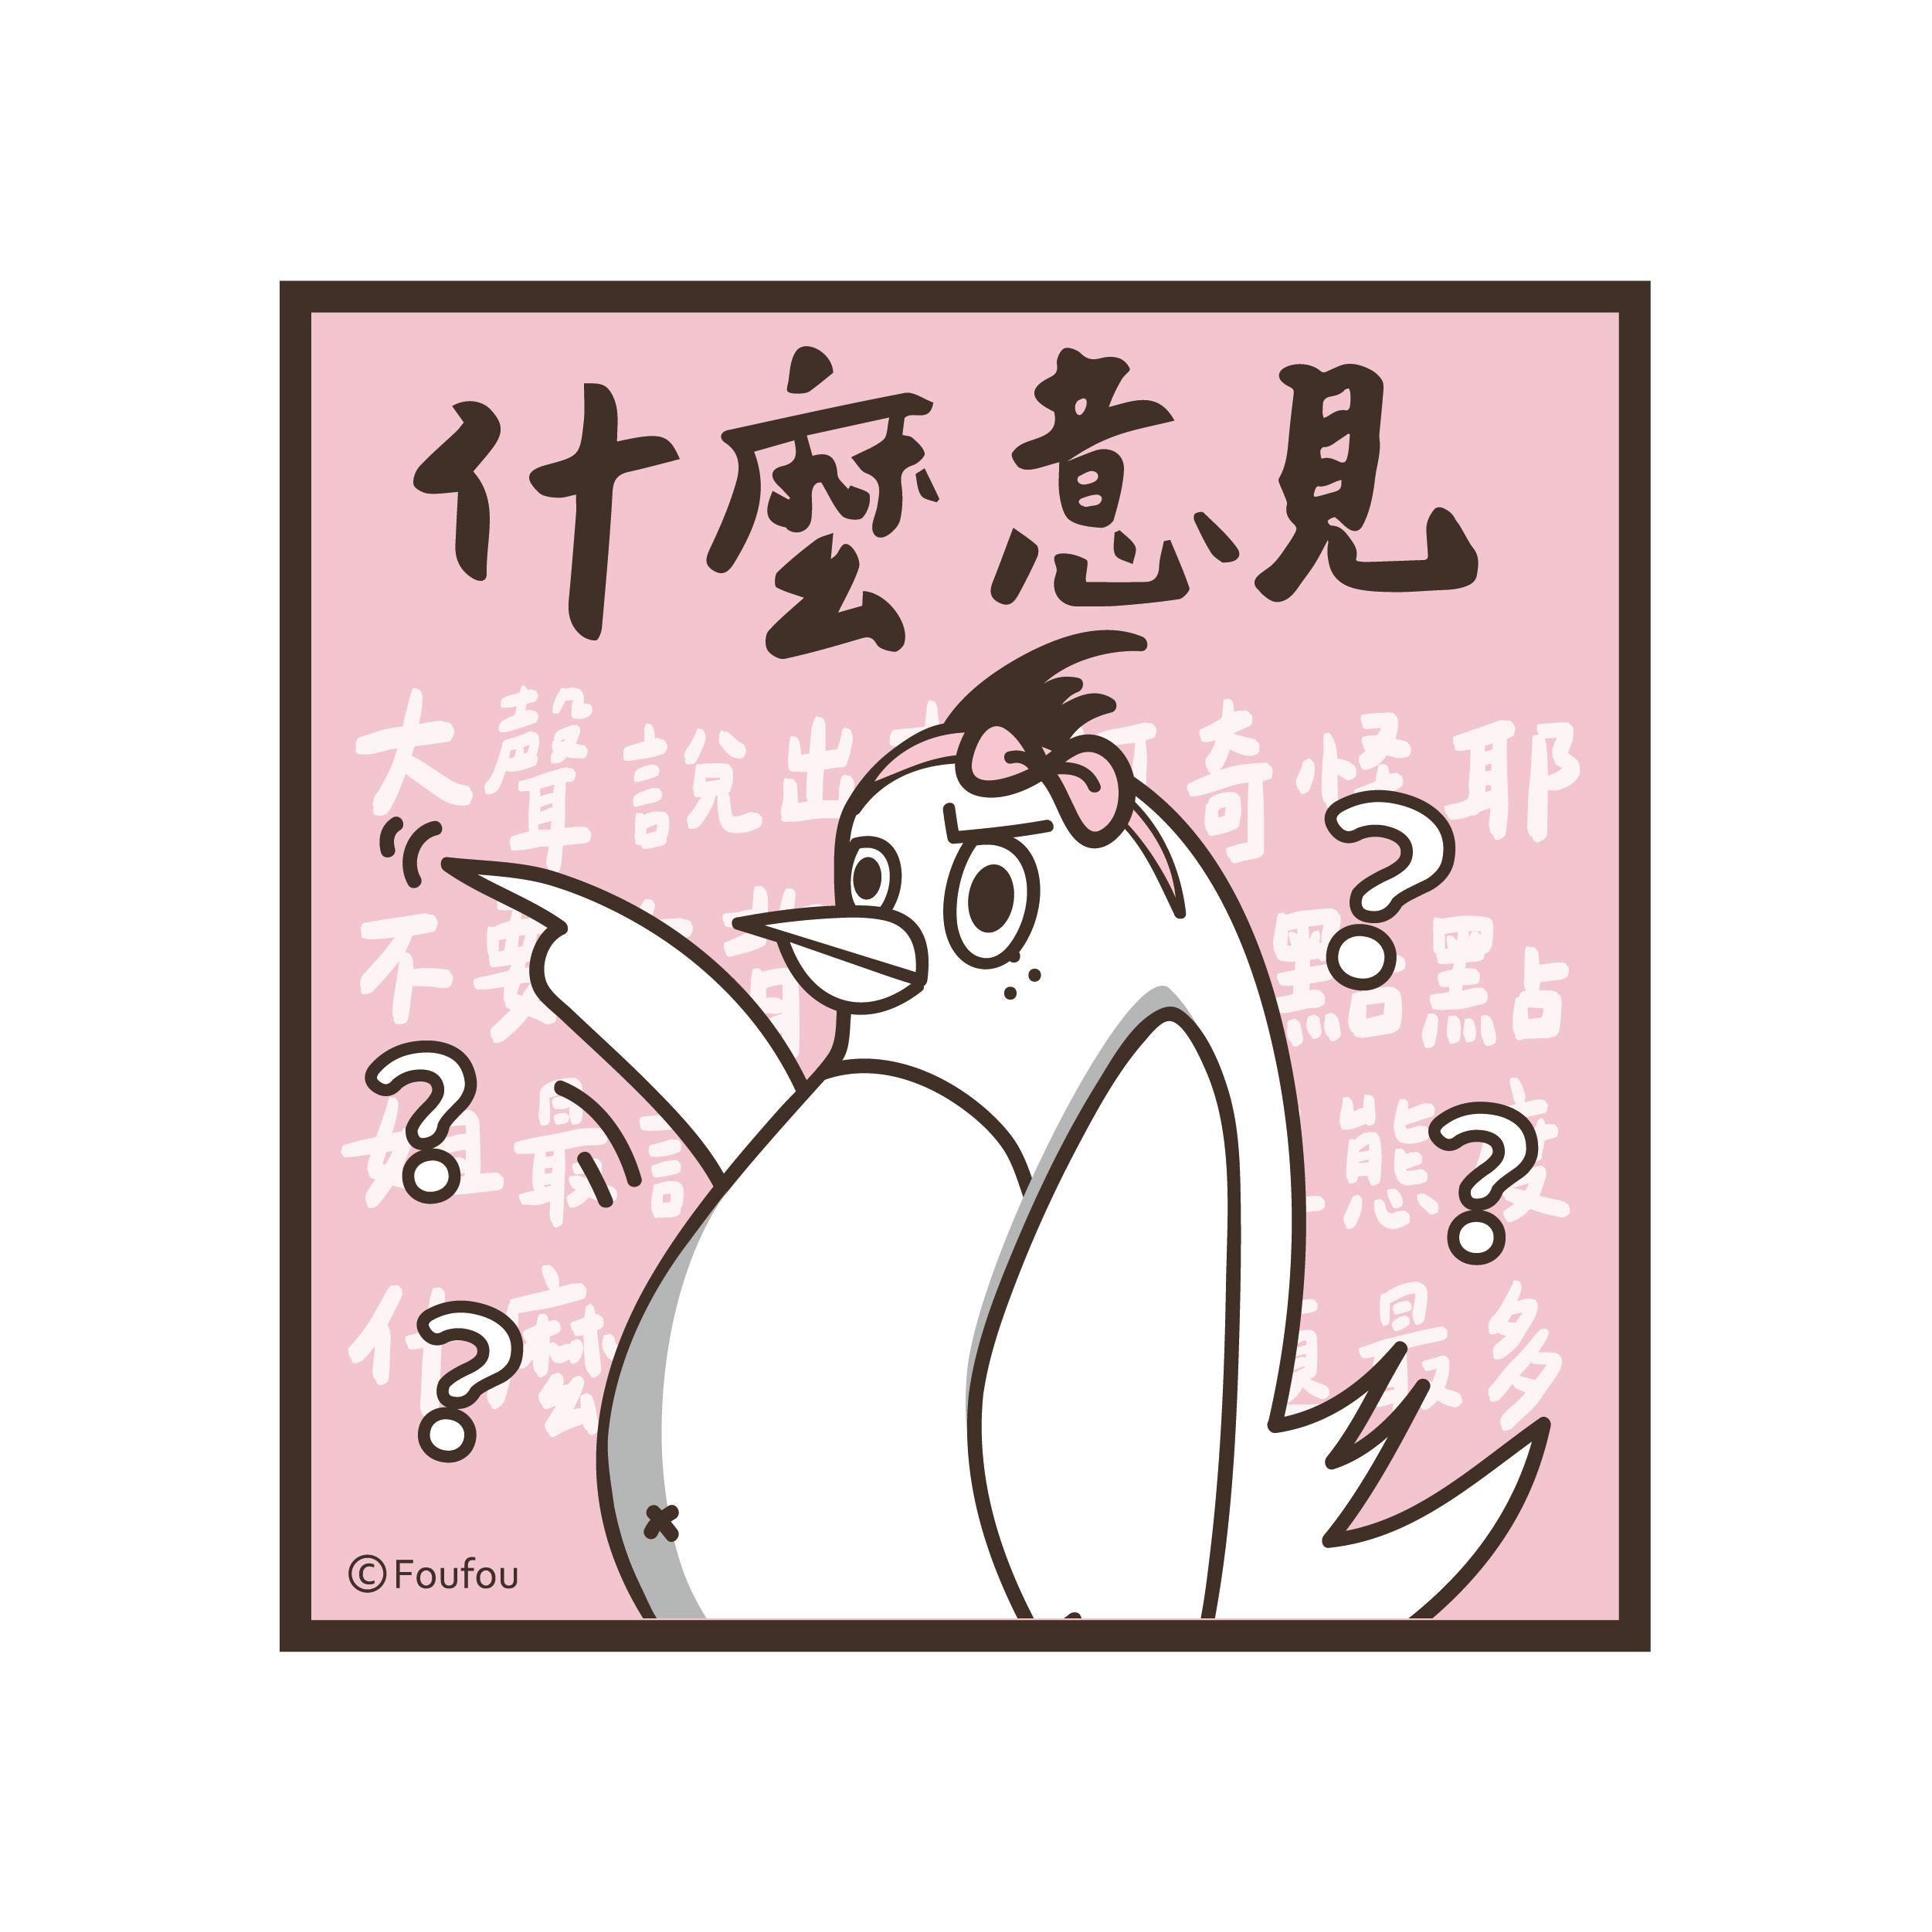 《瘦不鳥》語錄貼紙-什麼意見